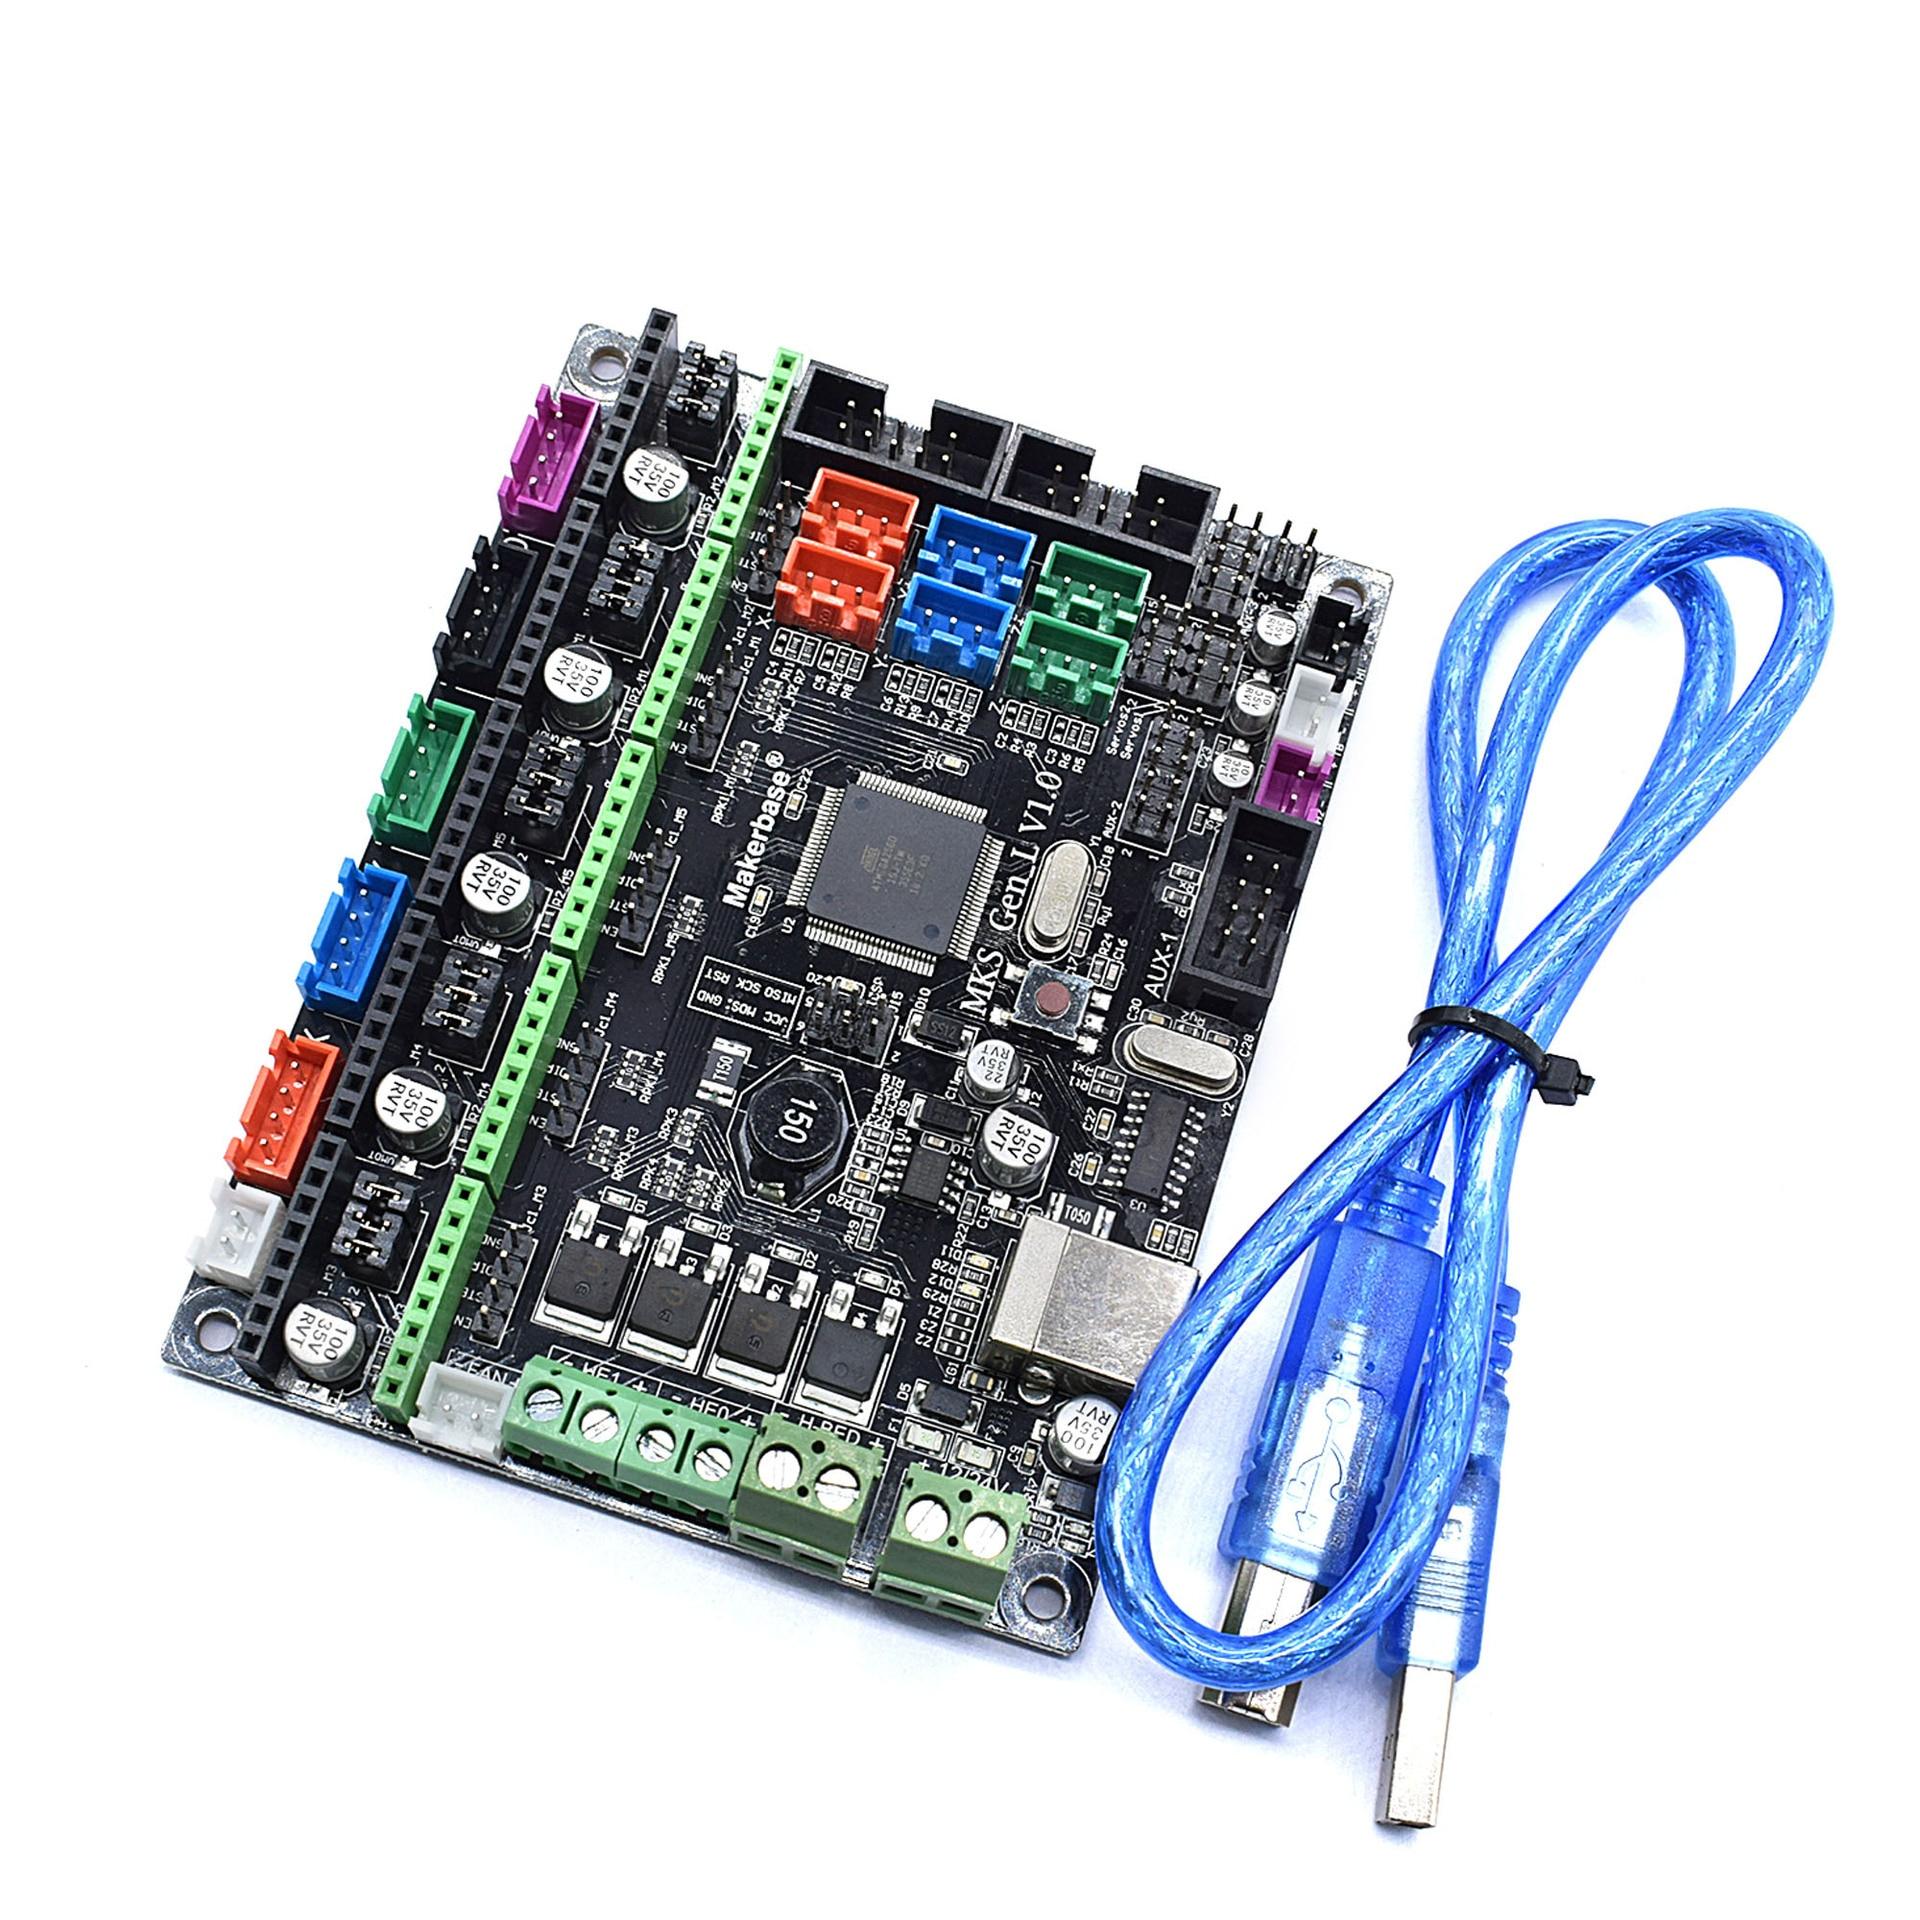 MKS Gen L V1.0 carte contrôleur intégré carte mère compatible Ramps1.4/Mega2560 R3 DRV8825/TMC2100 pour tevo 3d imprimante pièces